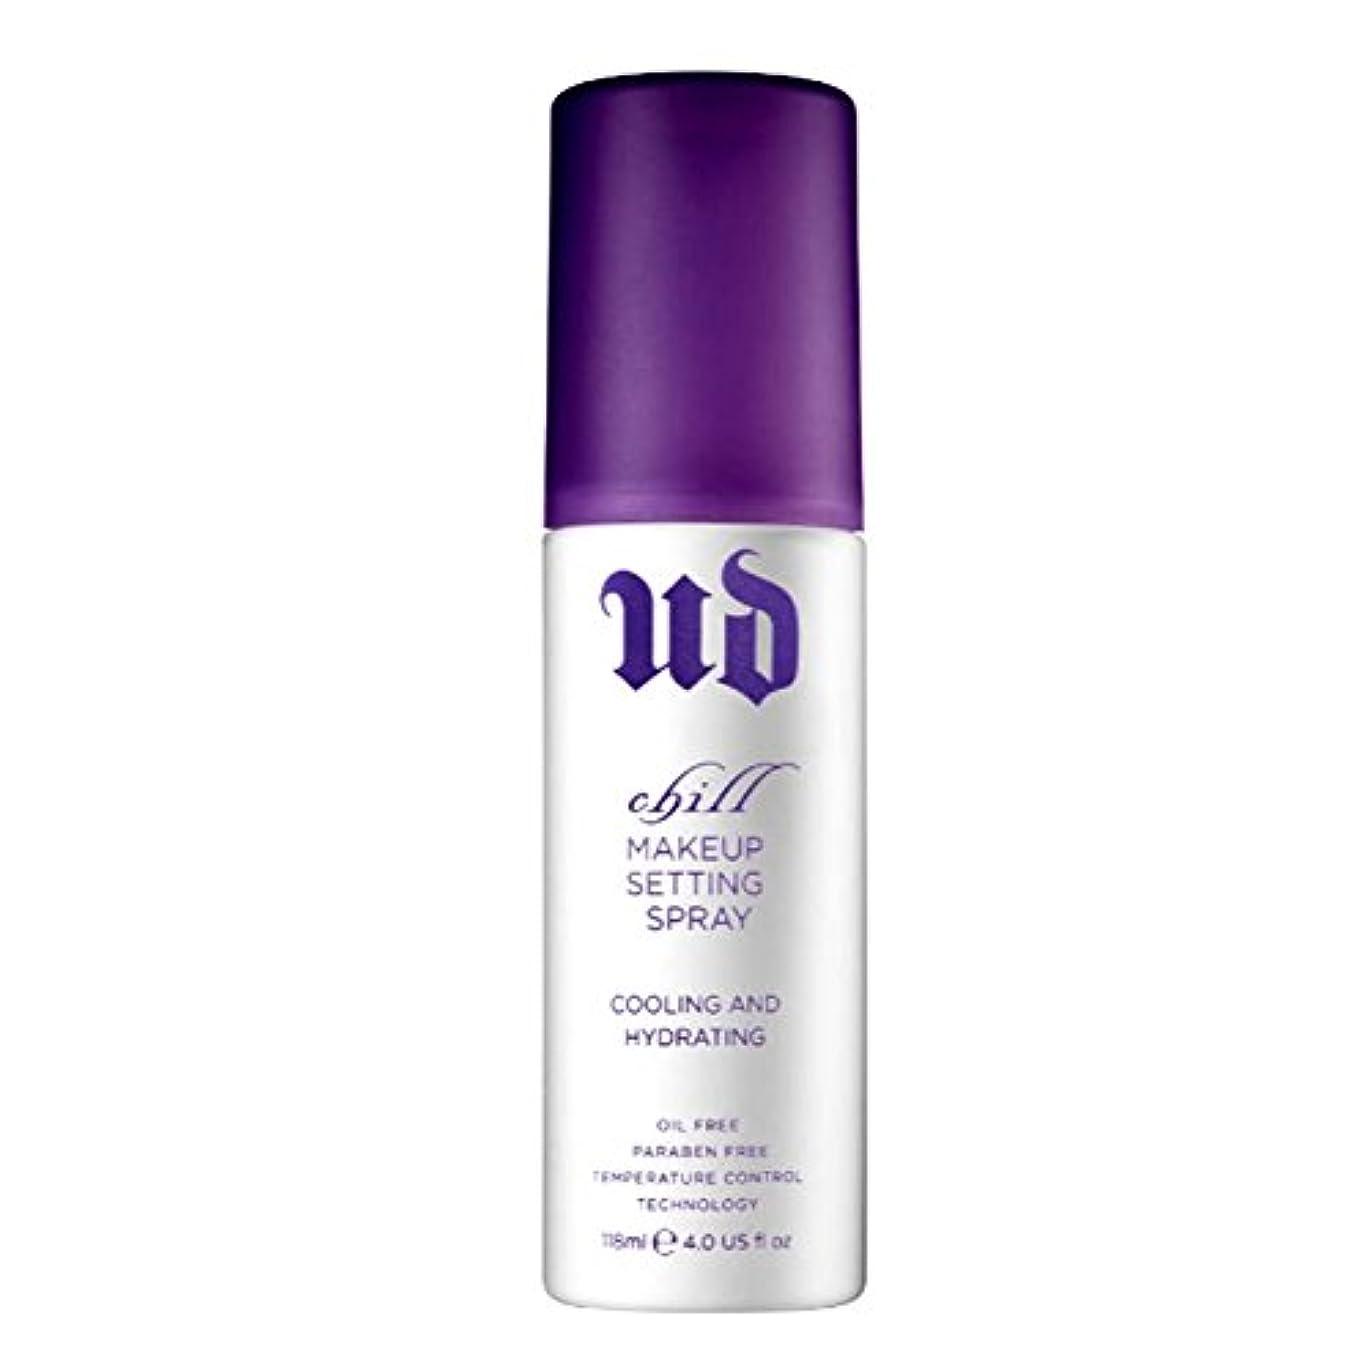 ビザ汚れる廊下URBAN DECAY アーバンディケイ, Chill Make up Setting Spray.Chill スプレーを設定するメイク 4 oz (118 ml) [並行輸入品]